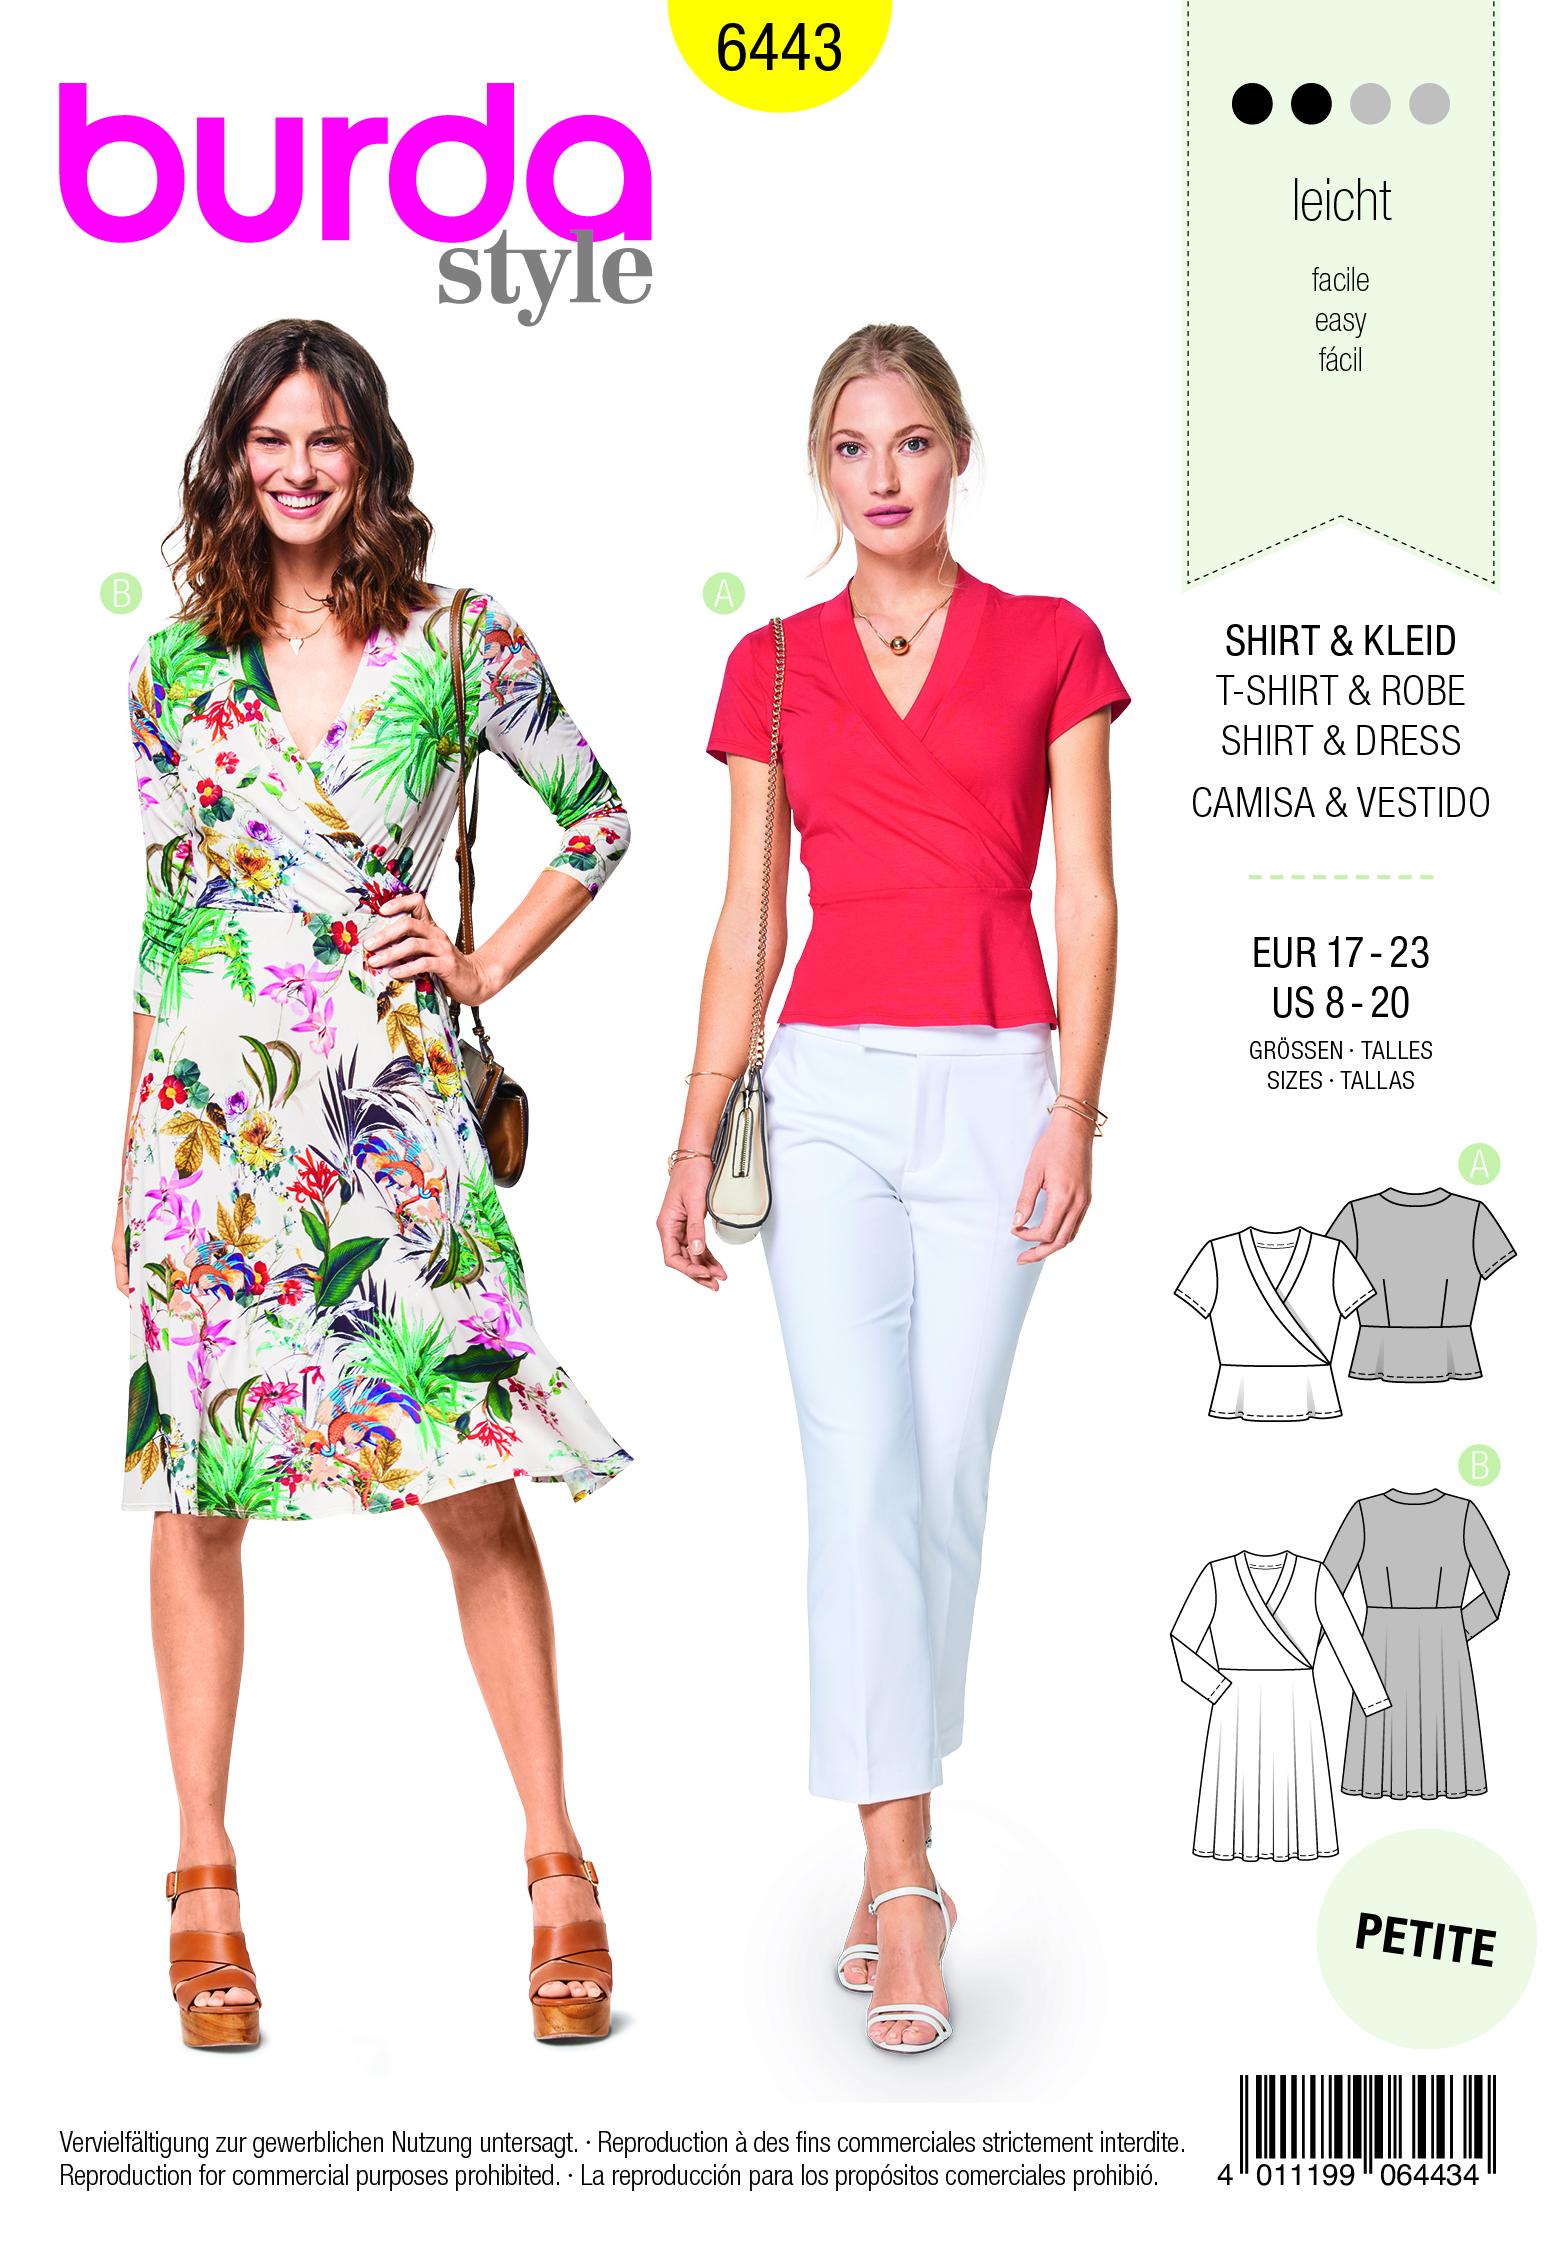 stoffversand | burda shirt & kleid | online kaufen